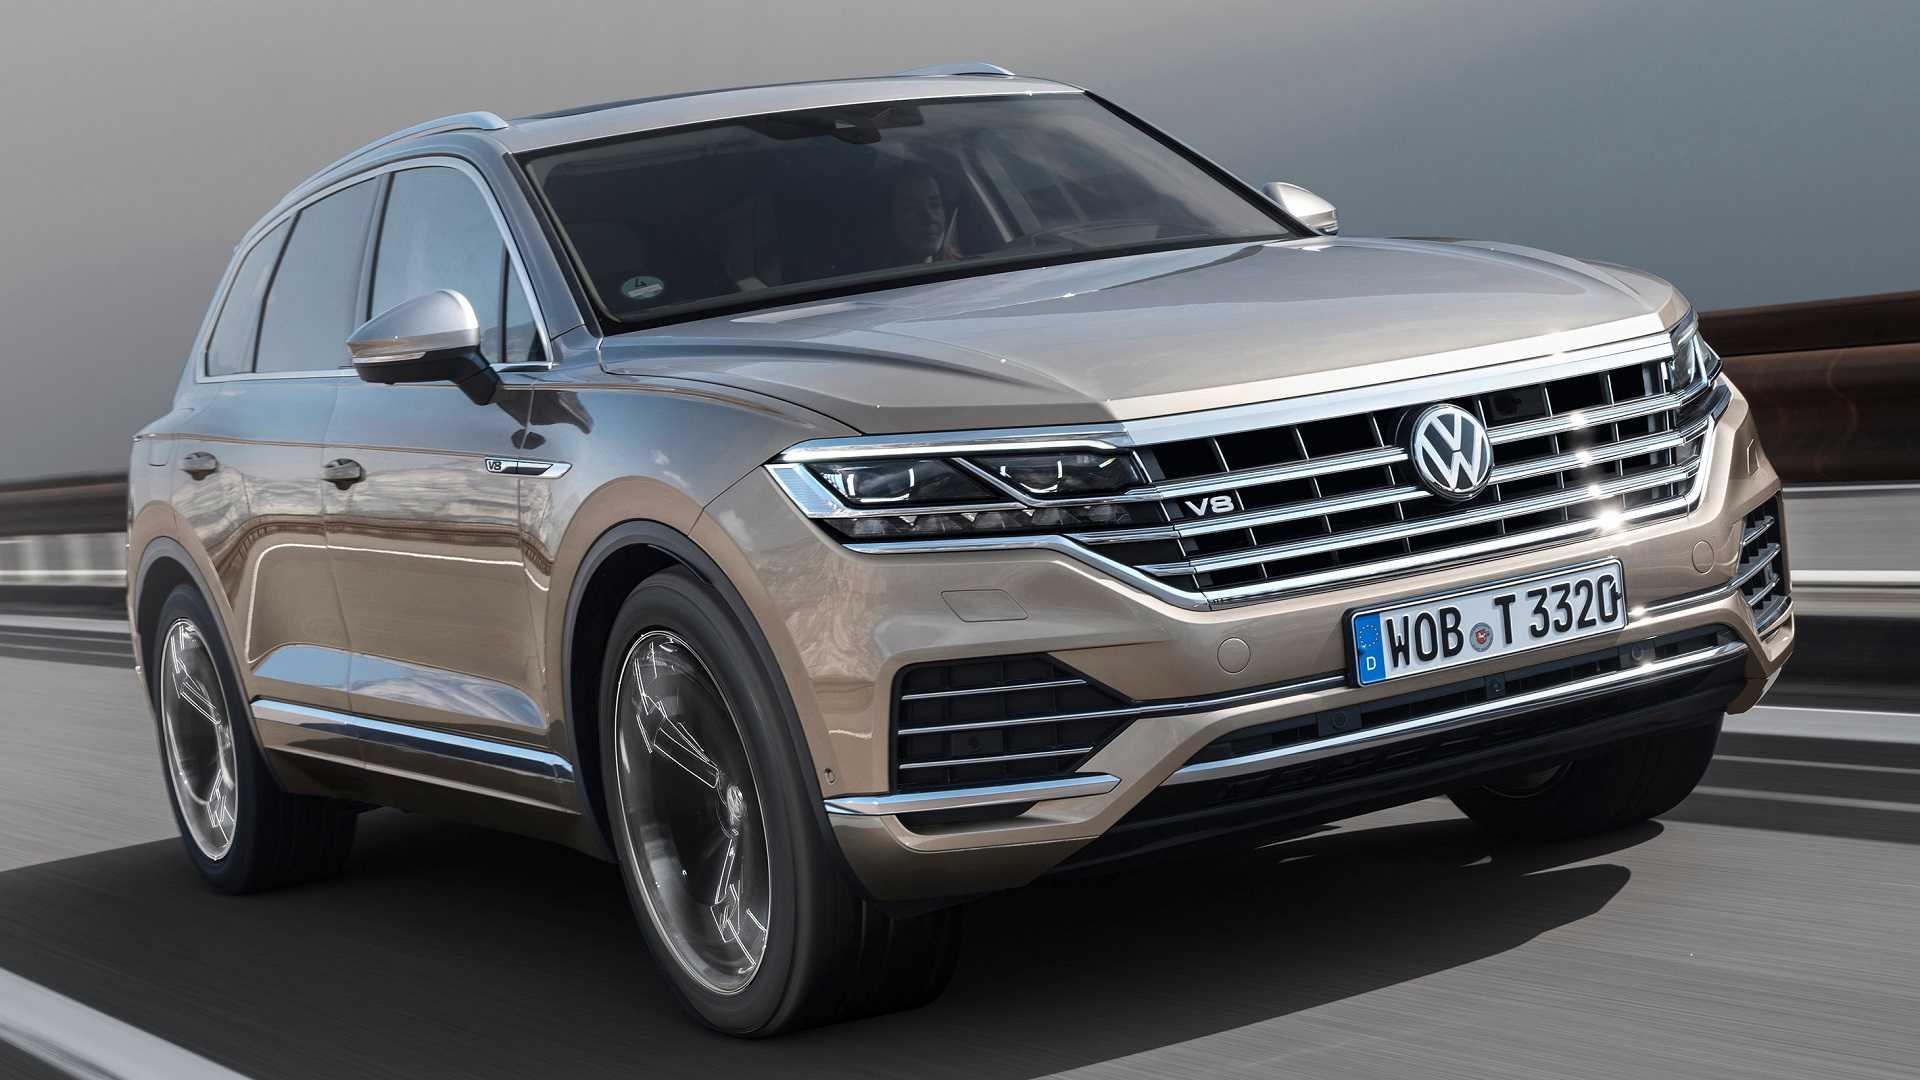 VolkswagenTouareg V8 TDI mới, máy dầu V8 có mô-men xoắn lên tới 900Nm - 08